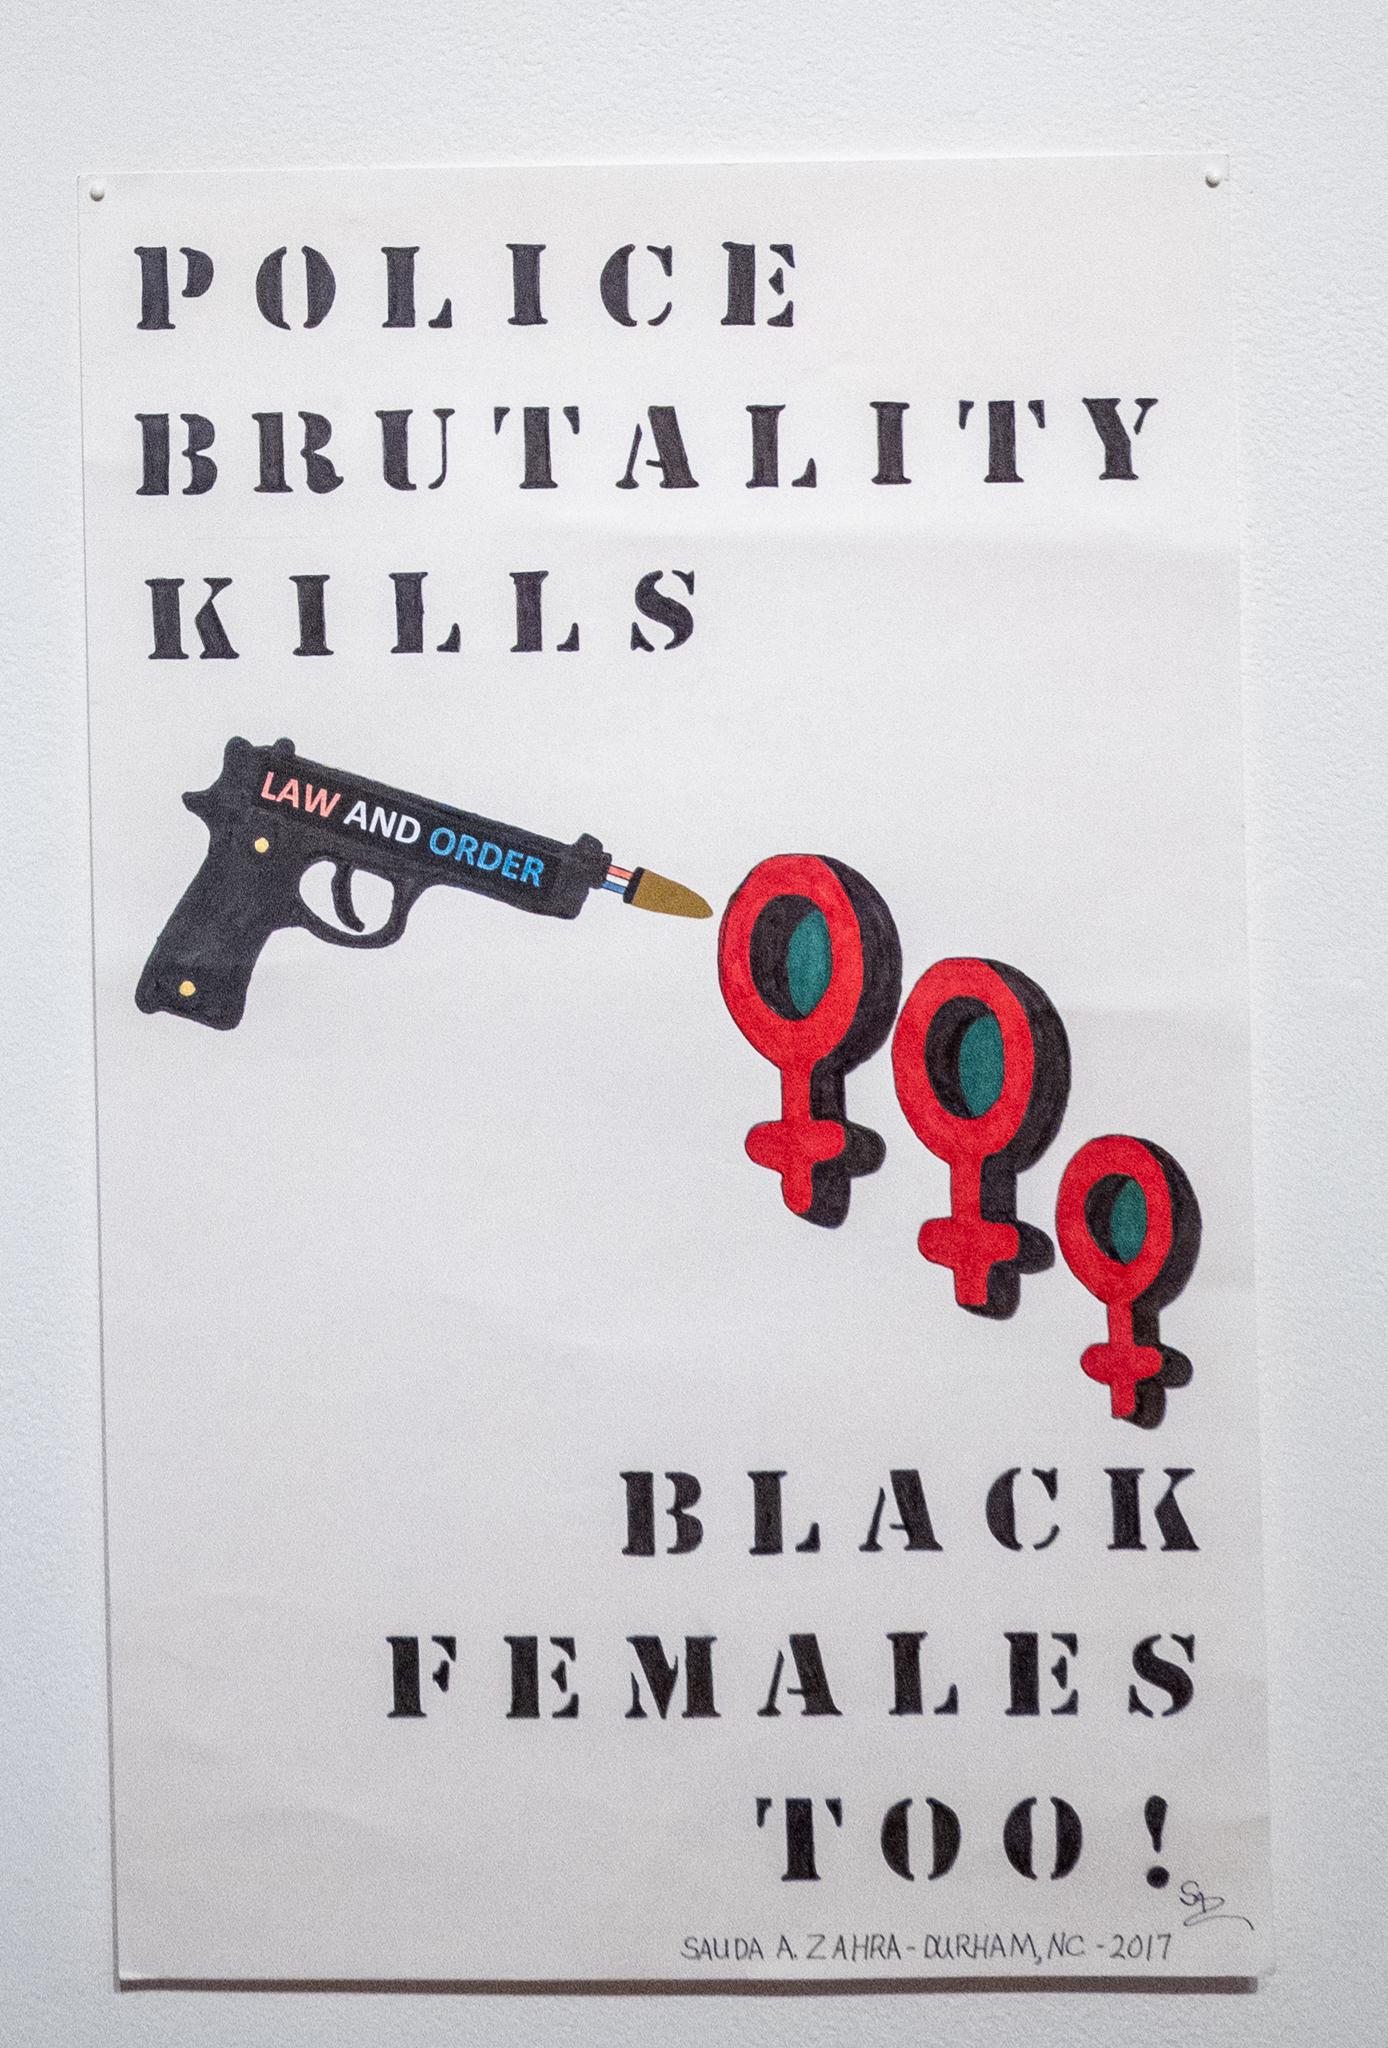 Police Brutality Kills Black Females